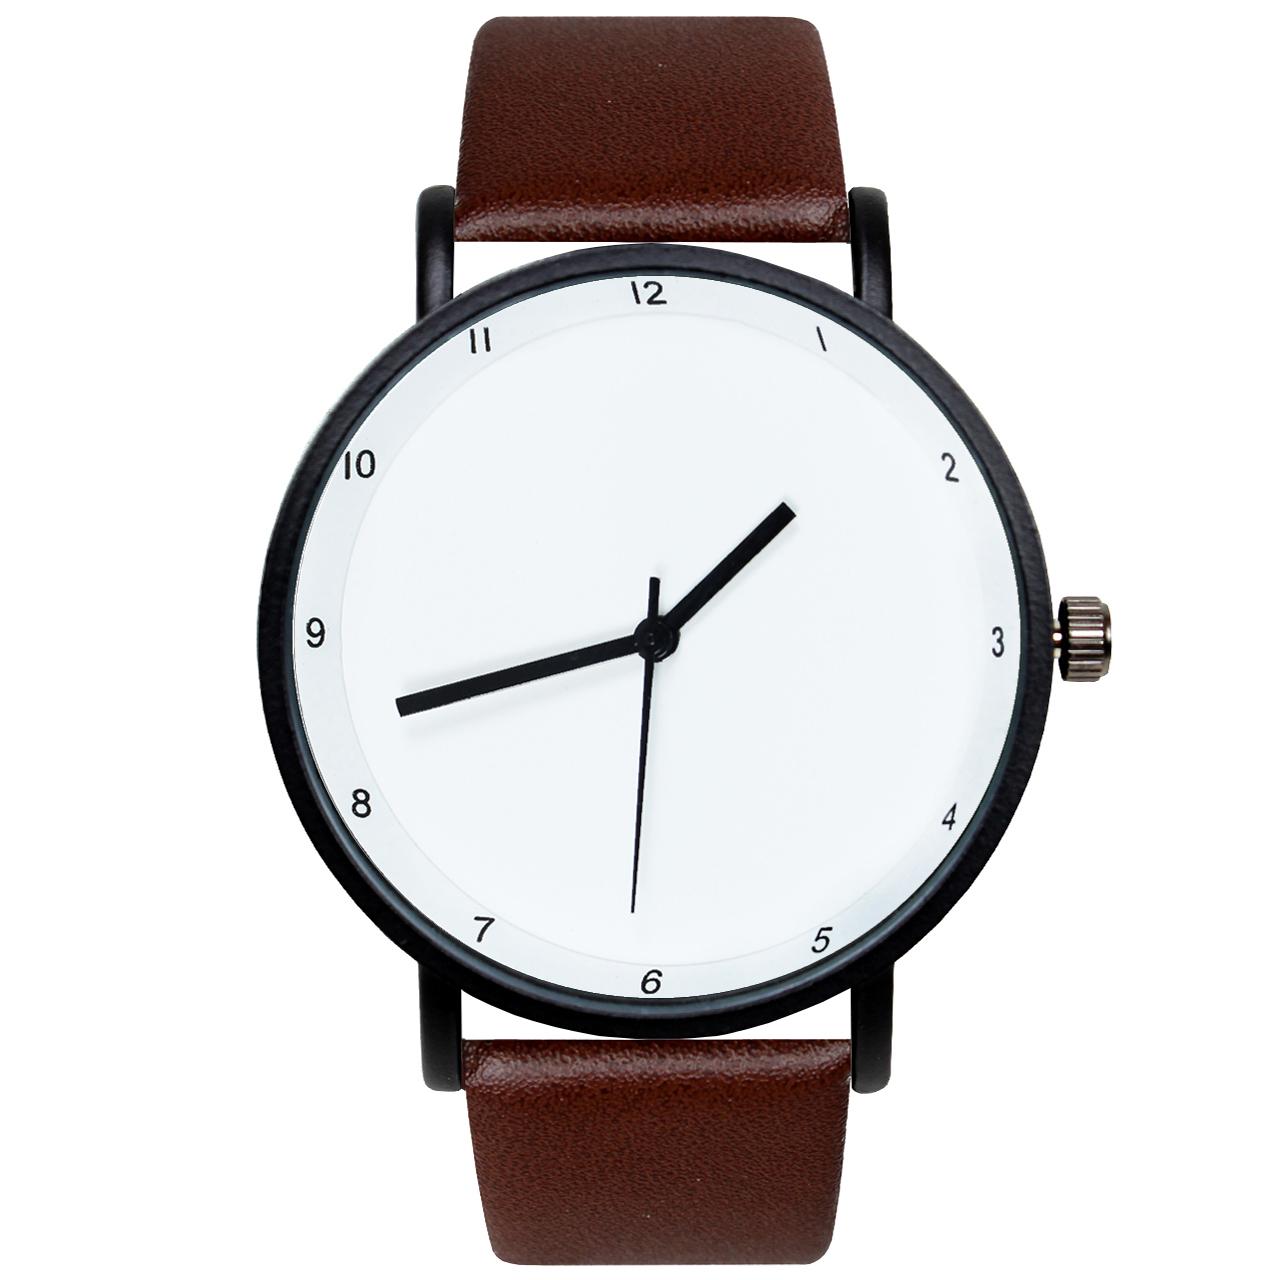 ساعت مچی عقربه ای مردانه و زنانه مدل P5-9